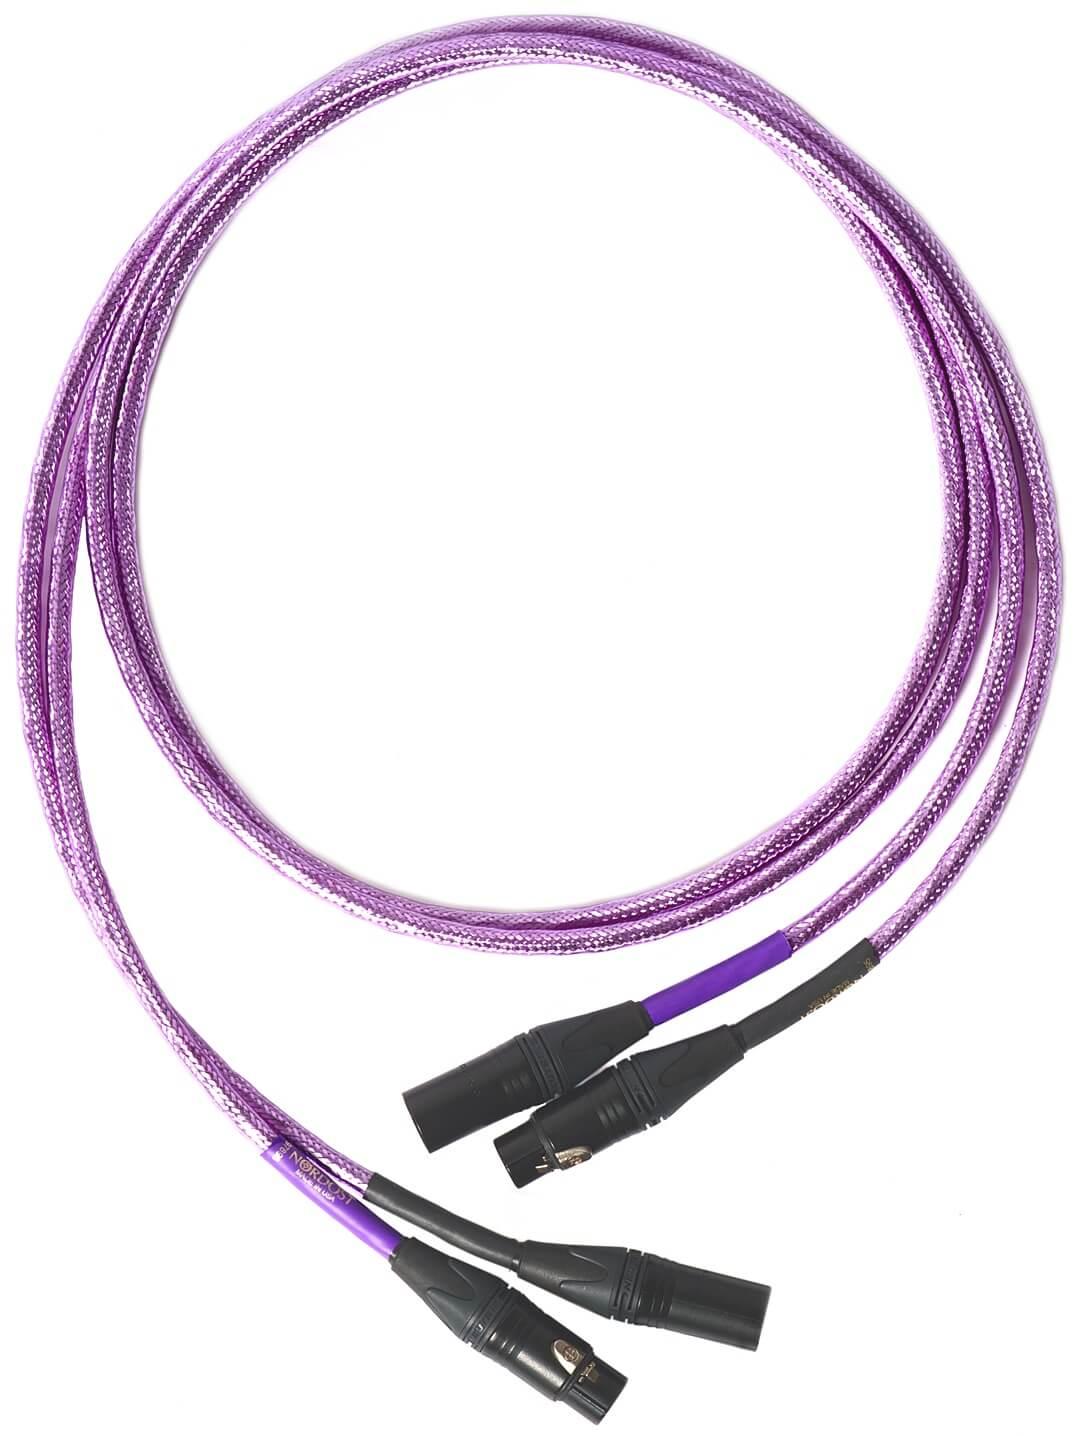 Nordost Frey 2 XLR-Kabel komplett